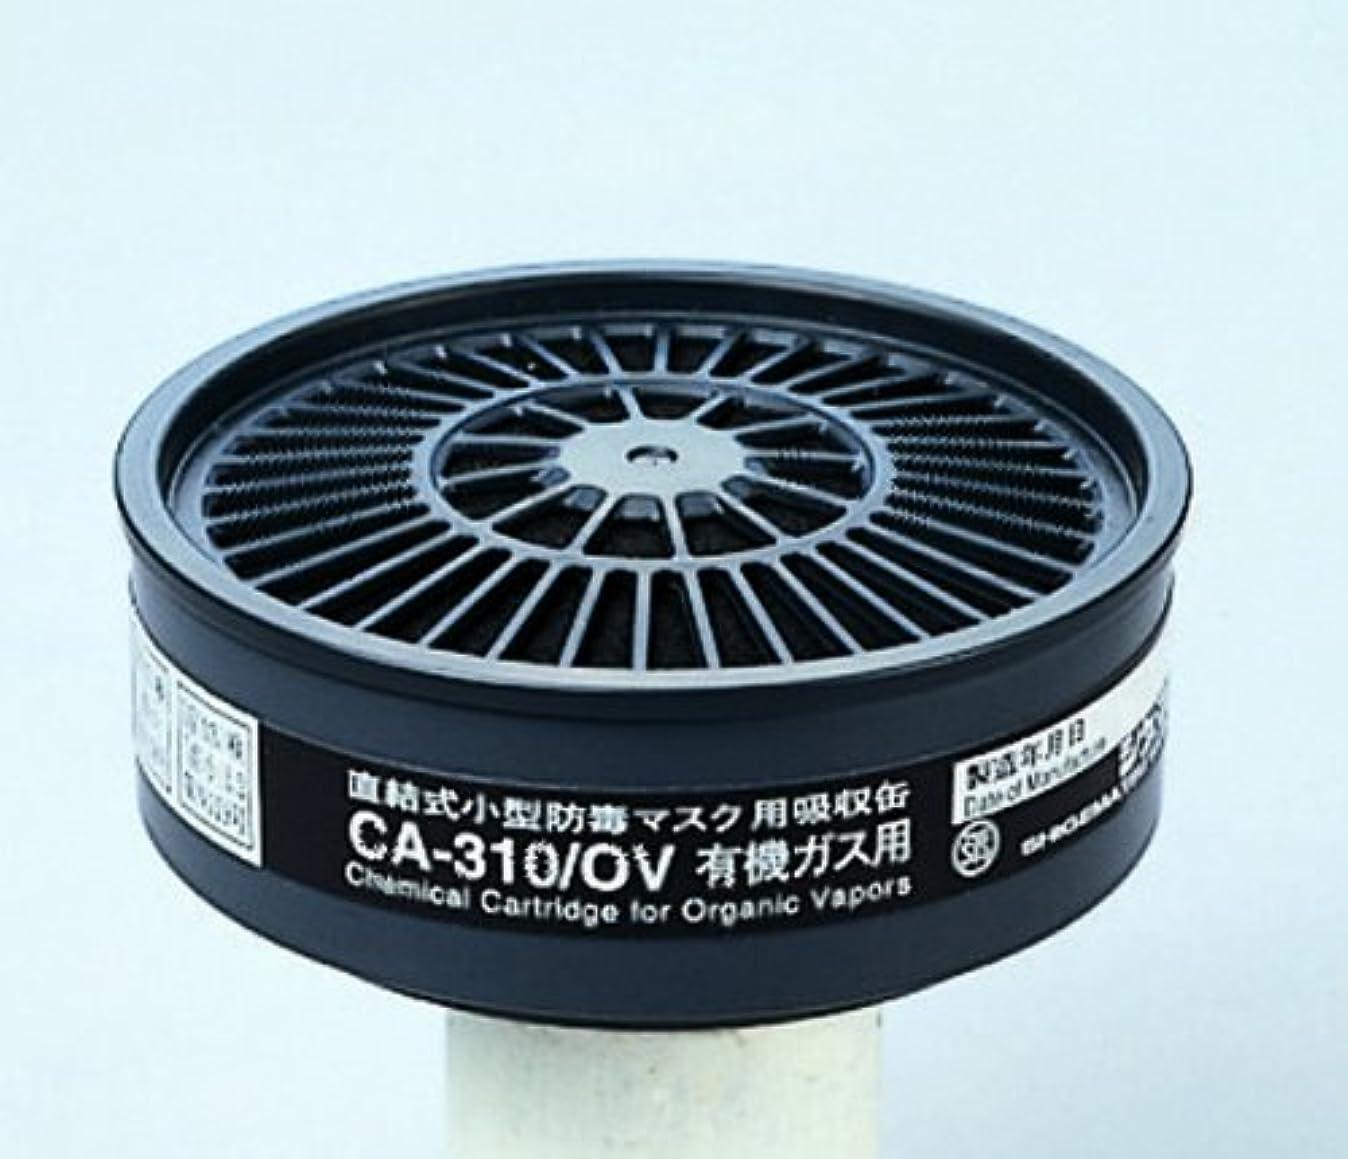 手入れペレグリネーション天才シゲマツ(重松製作所) TS 直結式小型吸収缶 CA-310/OV CA-310/OV